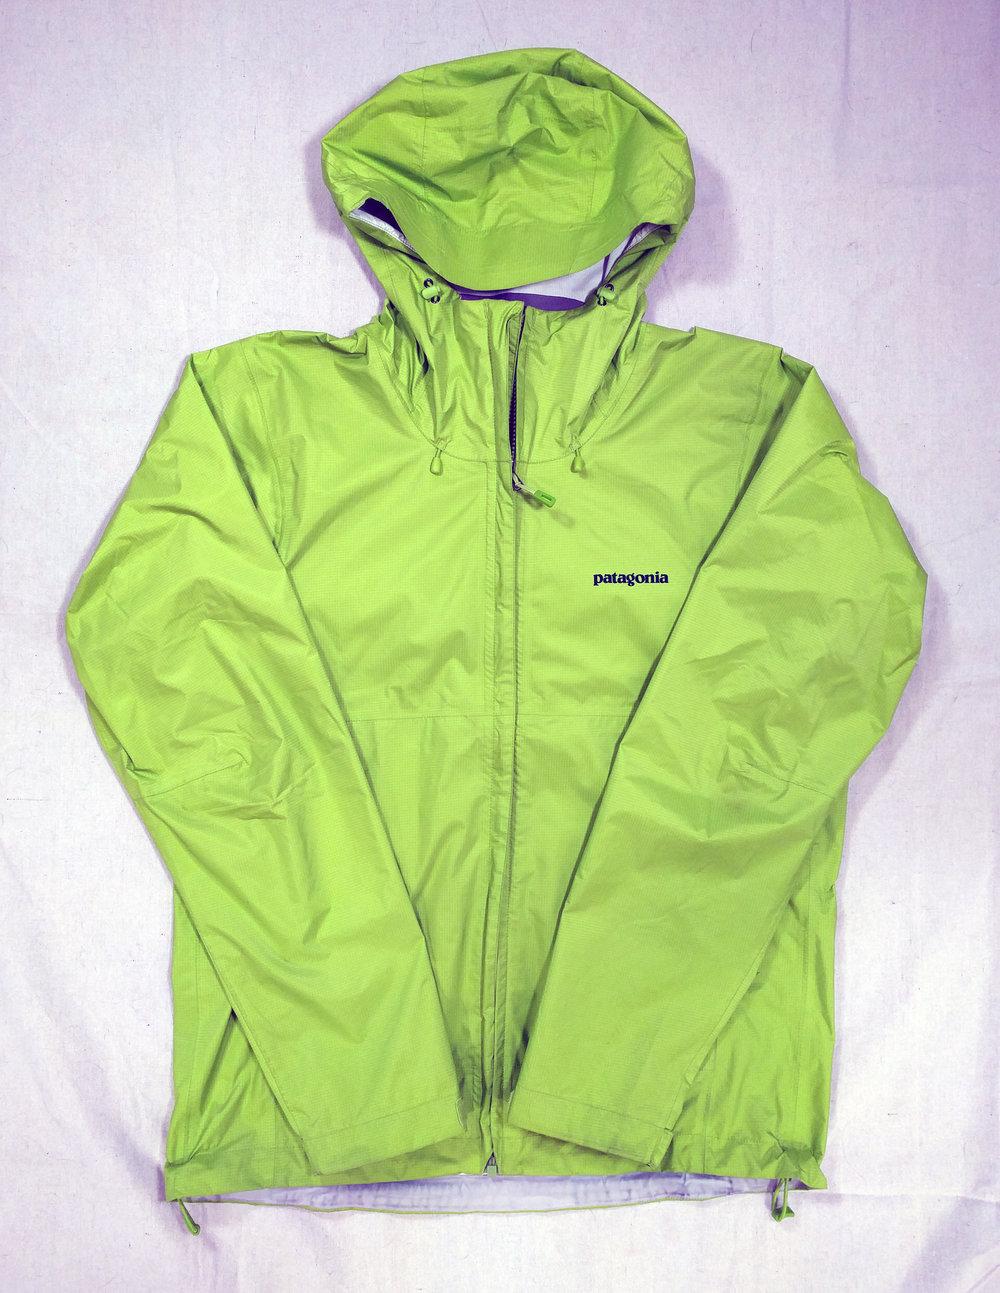 Patagonia Men's Torrentshell Rain Jacket